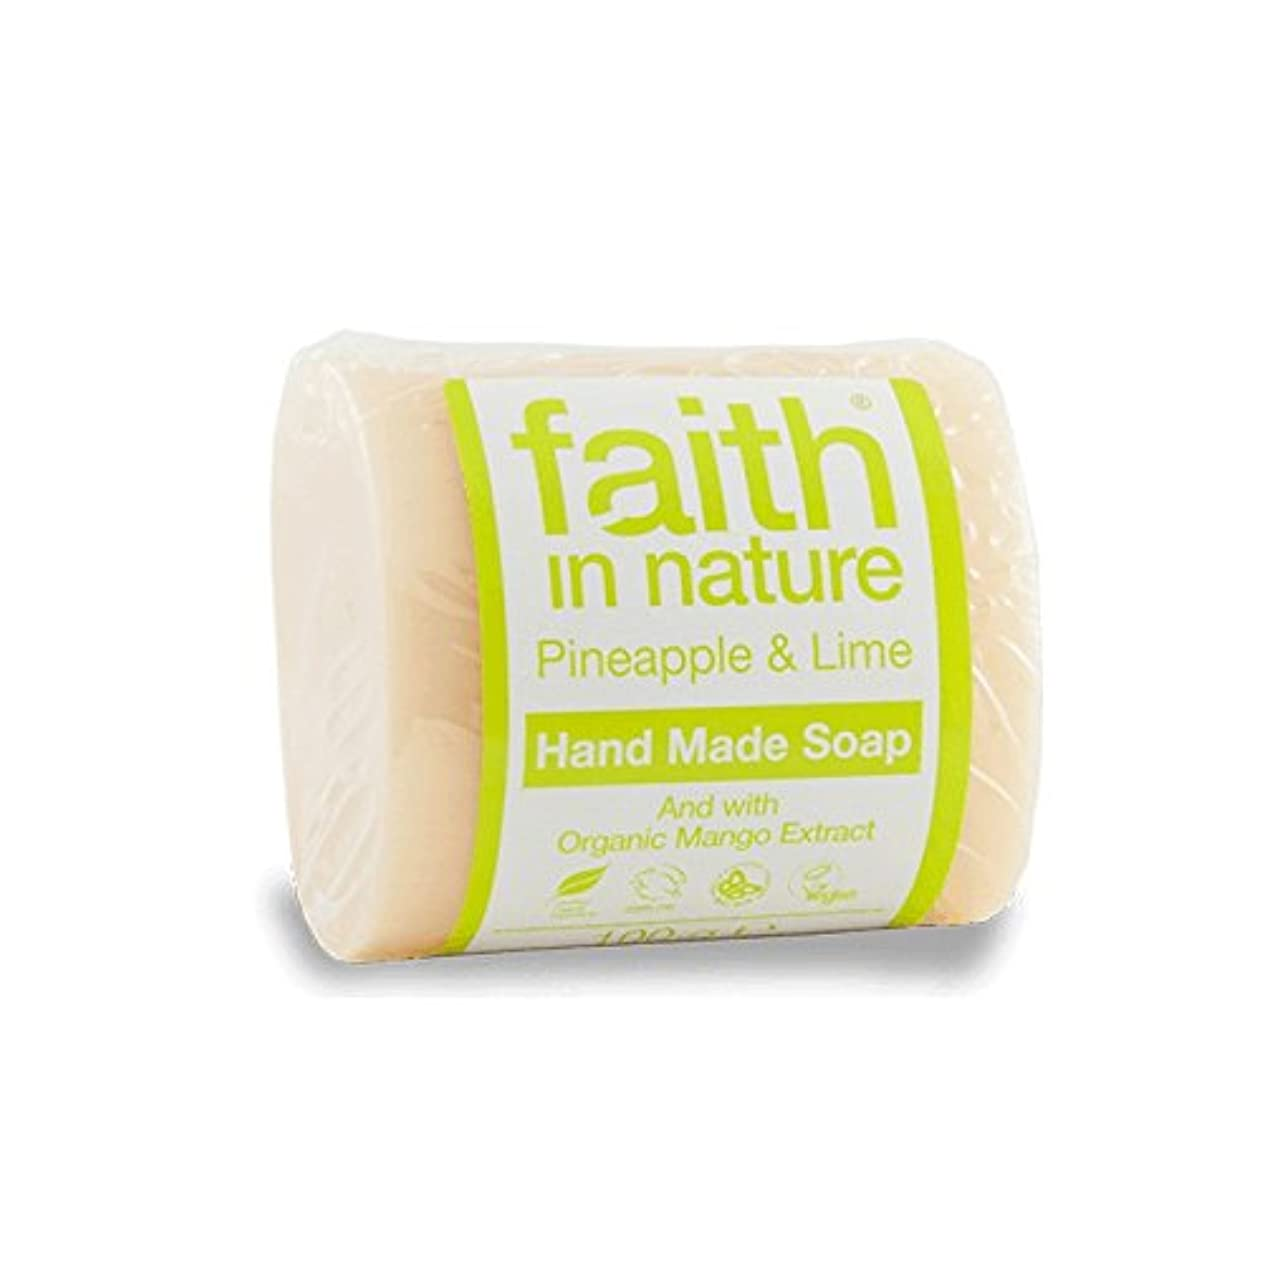 怠逆説文字通りFaith in Nature Pineapple & Lime Soap 100g (Pack of 2) - 自然パイナップル&ライムソープ100グラムの信仰 (x2) [並行輸入品]